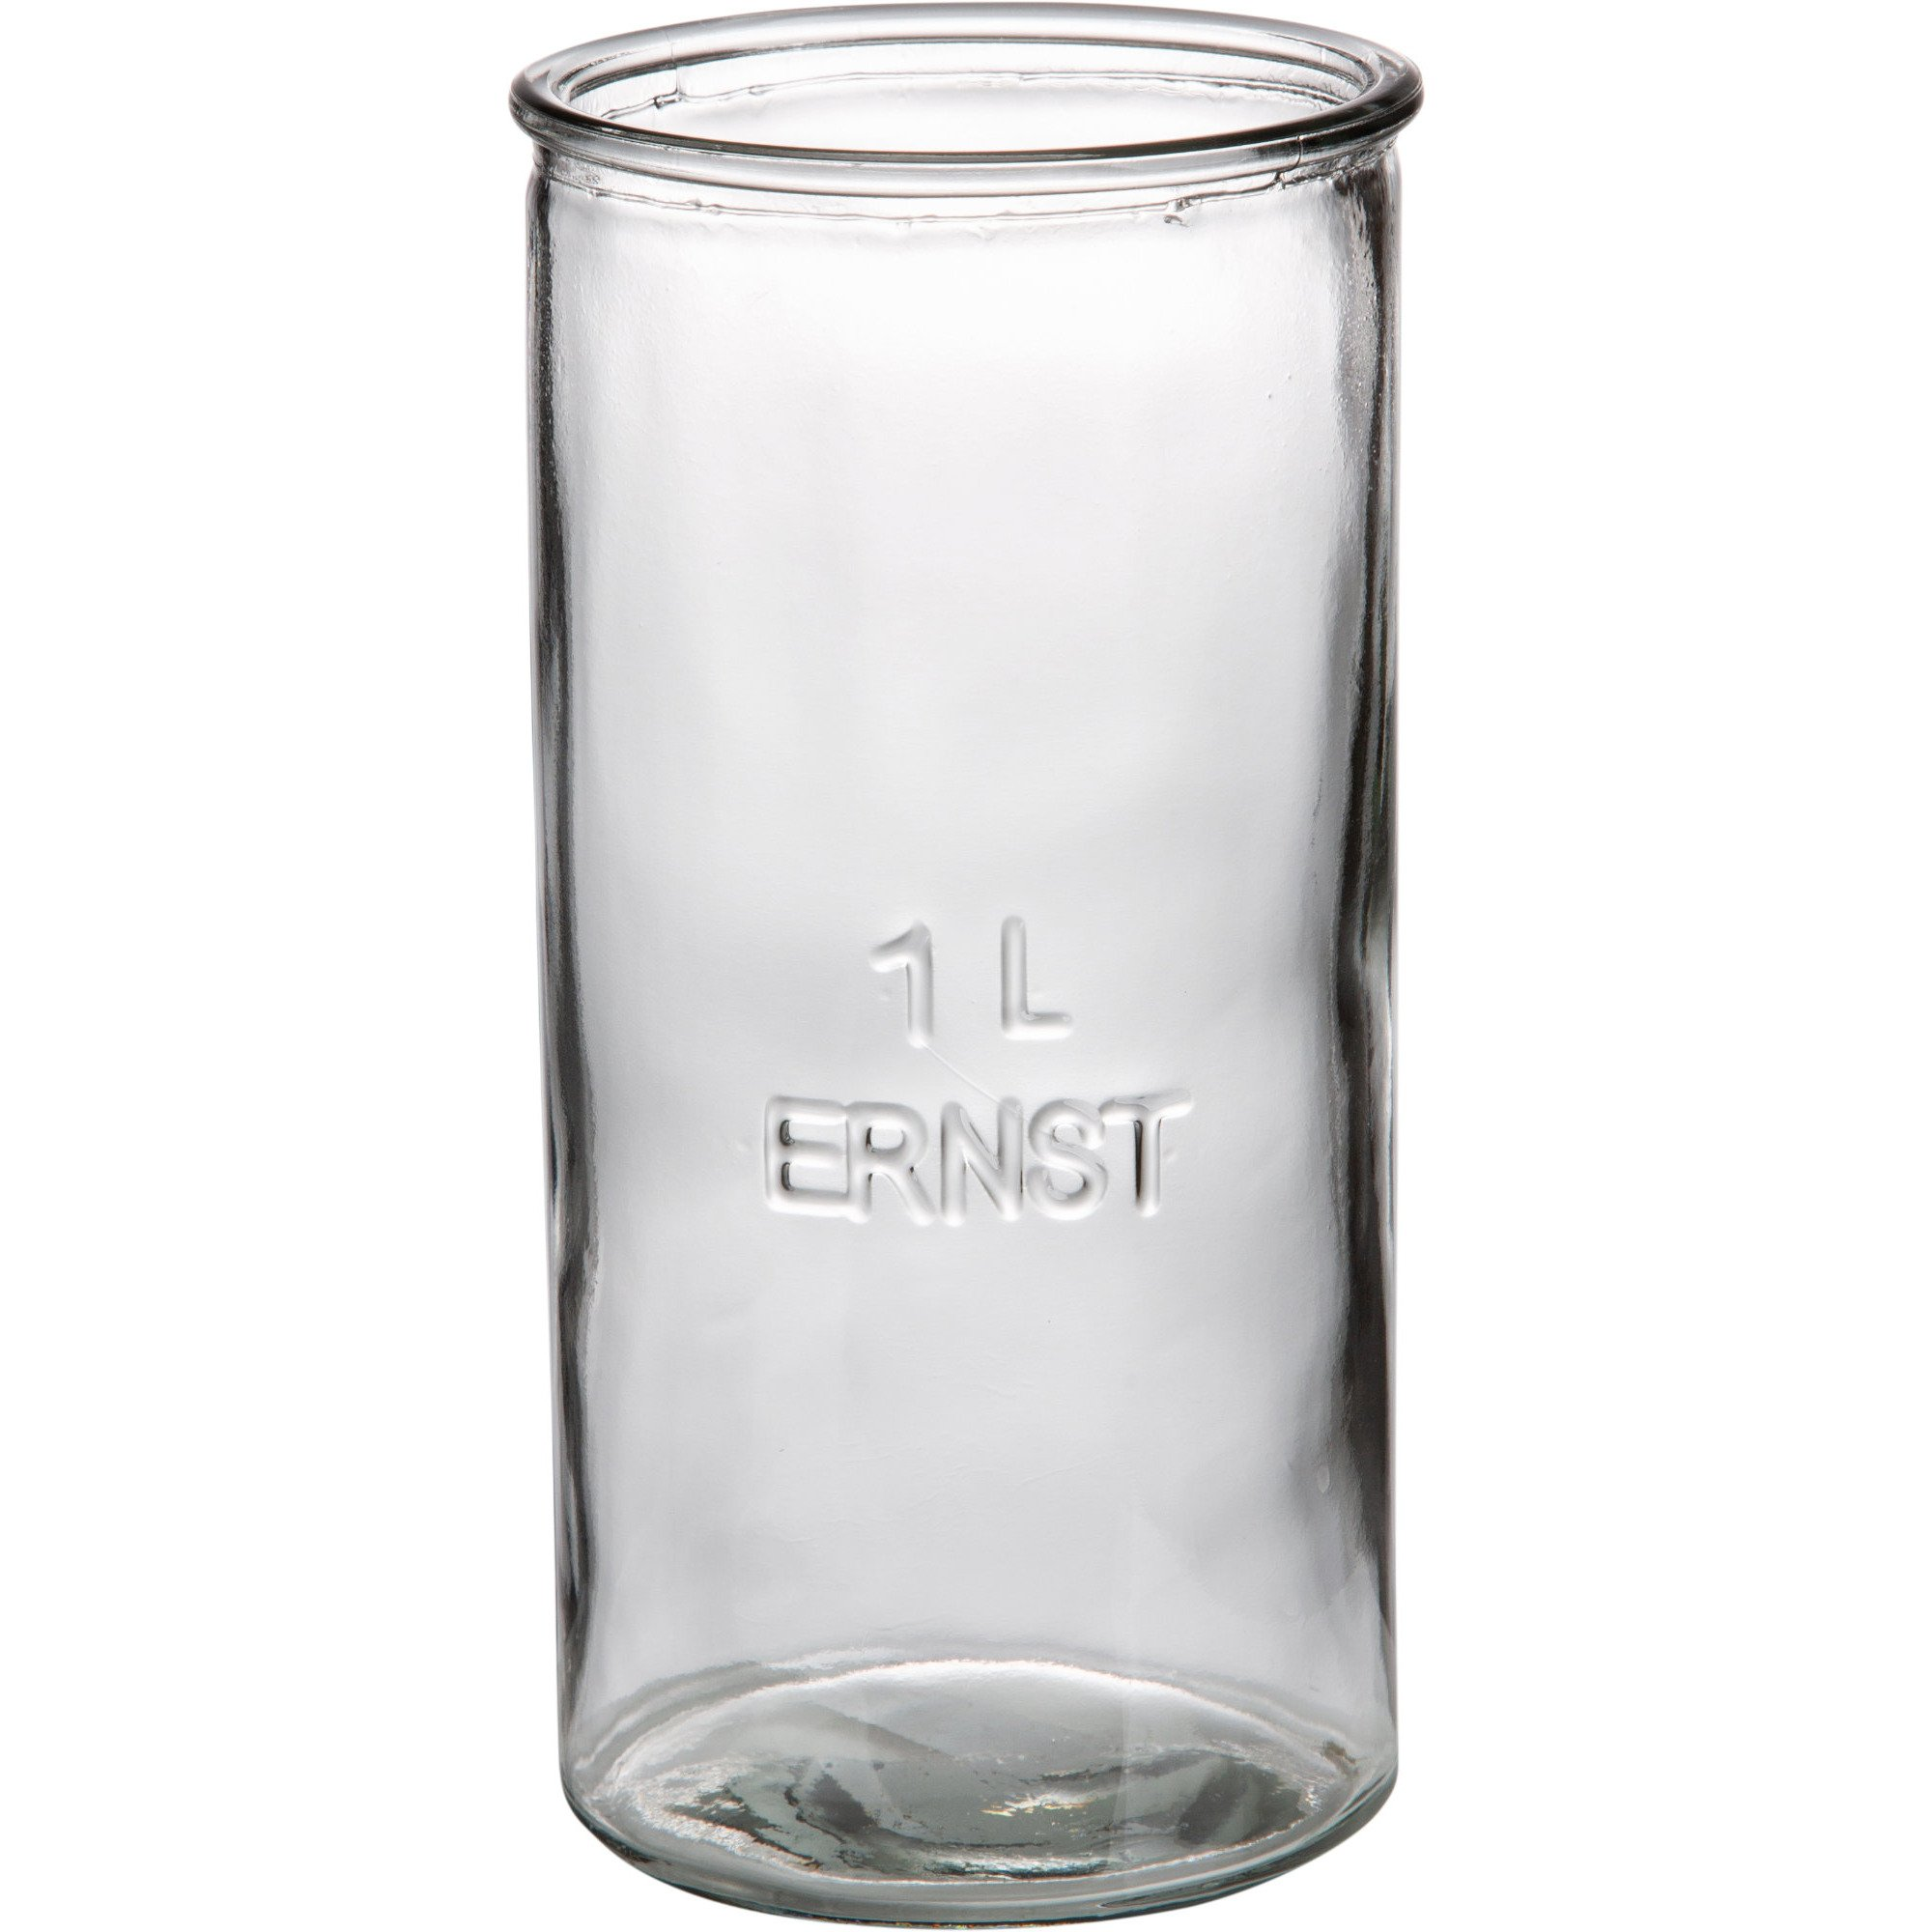 Ernst Glaskruka 1 Liter